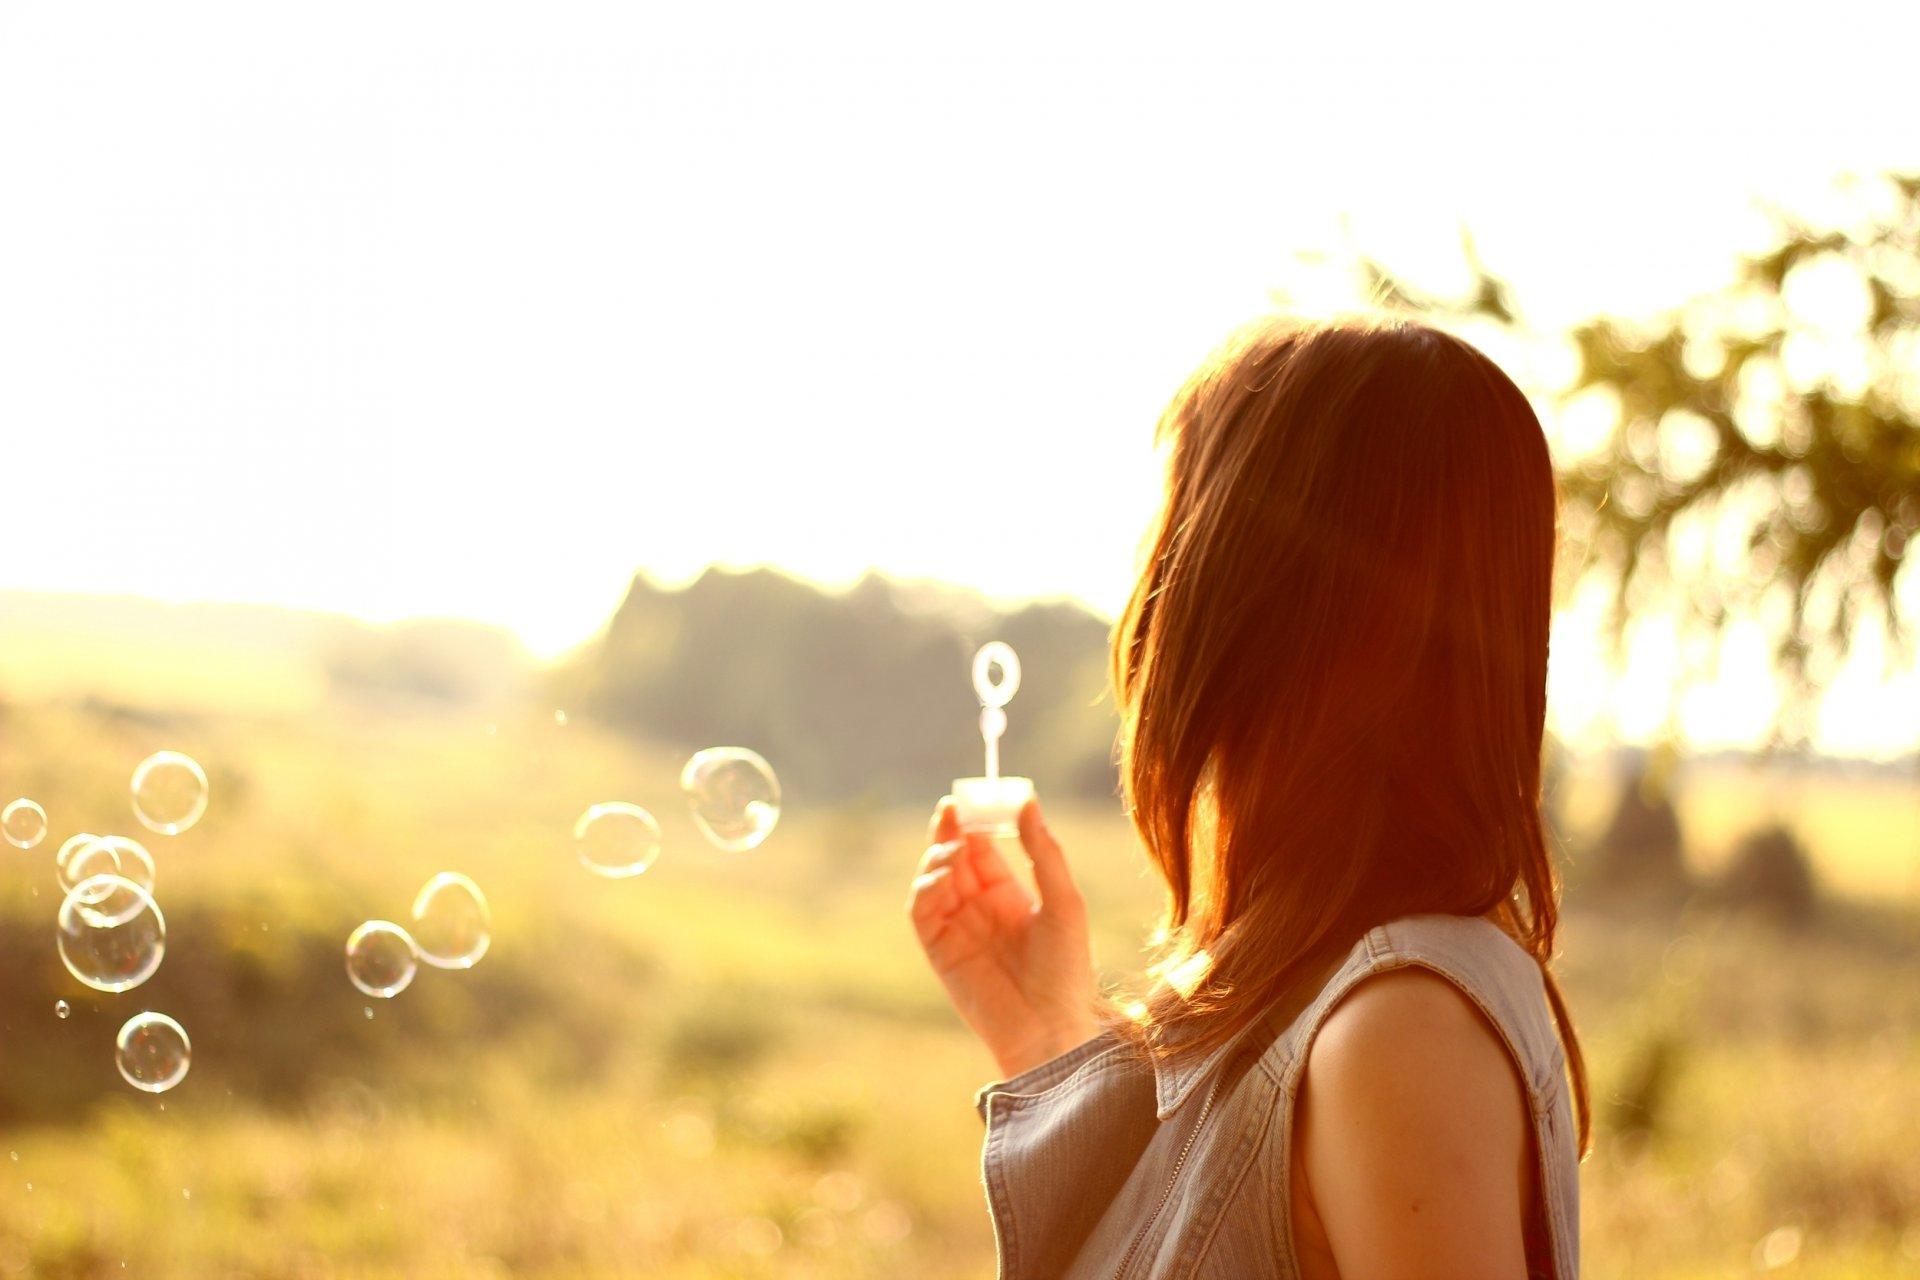 Фото девушек с мыльными пузырями со спины